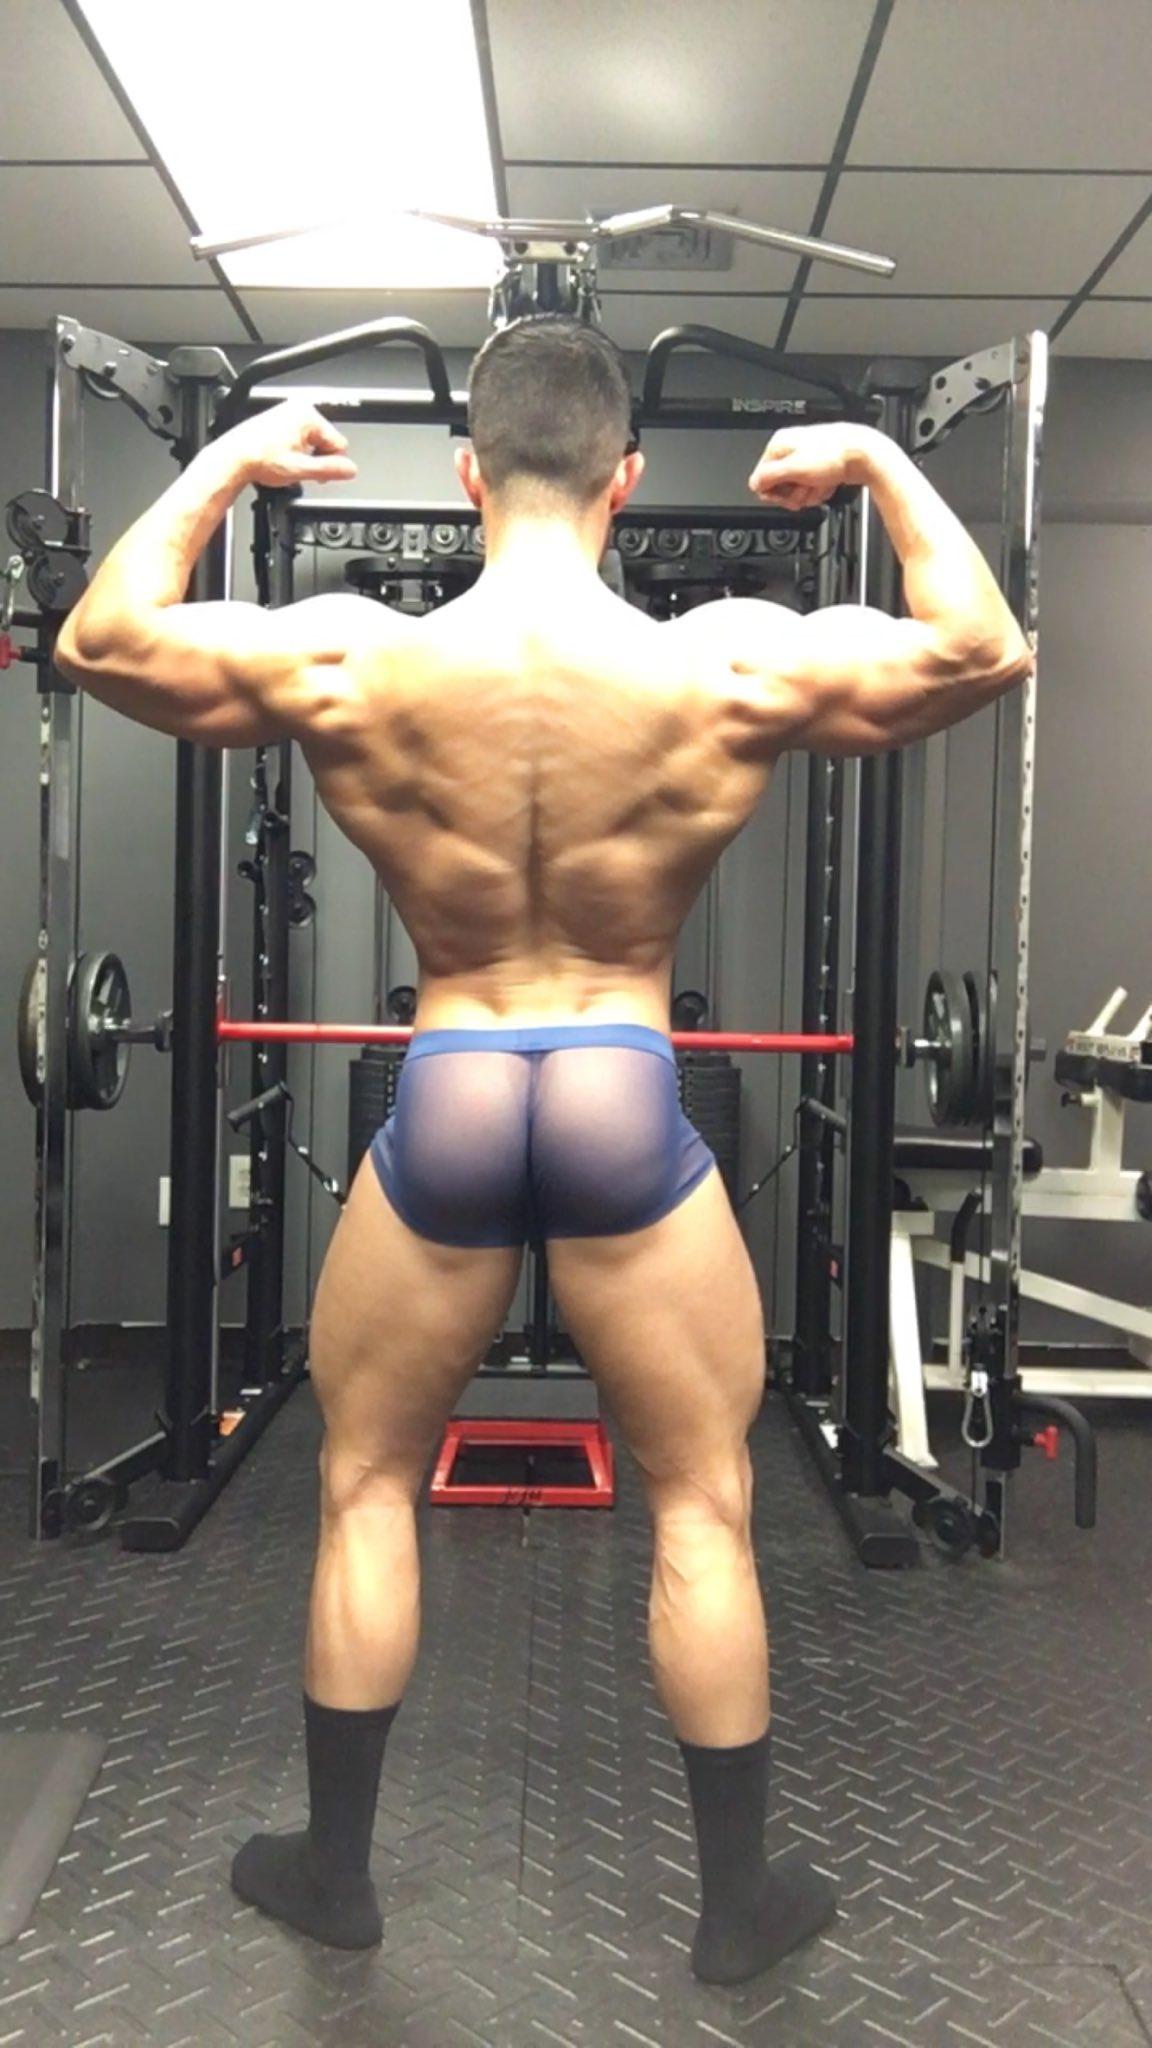 en el gym hombre en calzoncillos